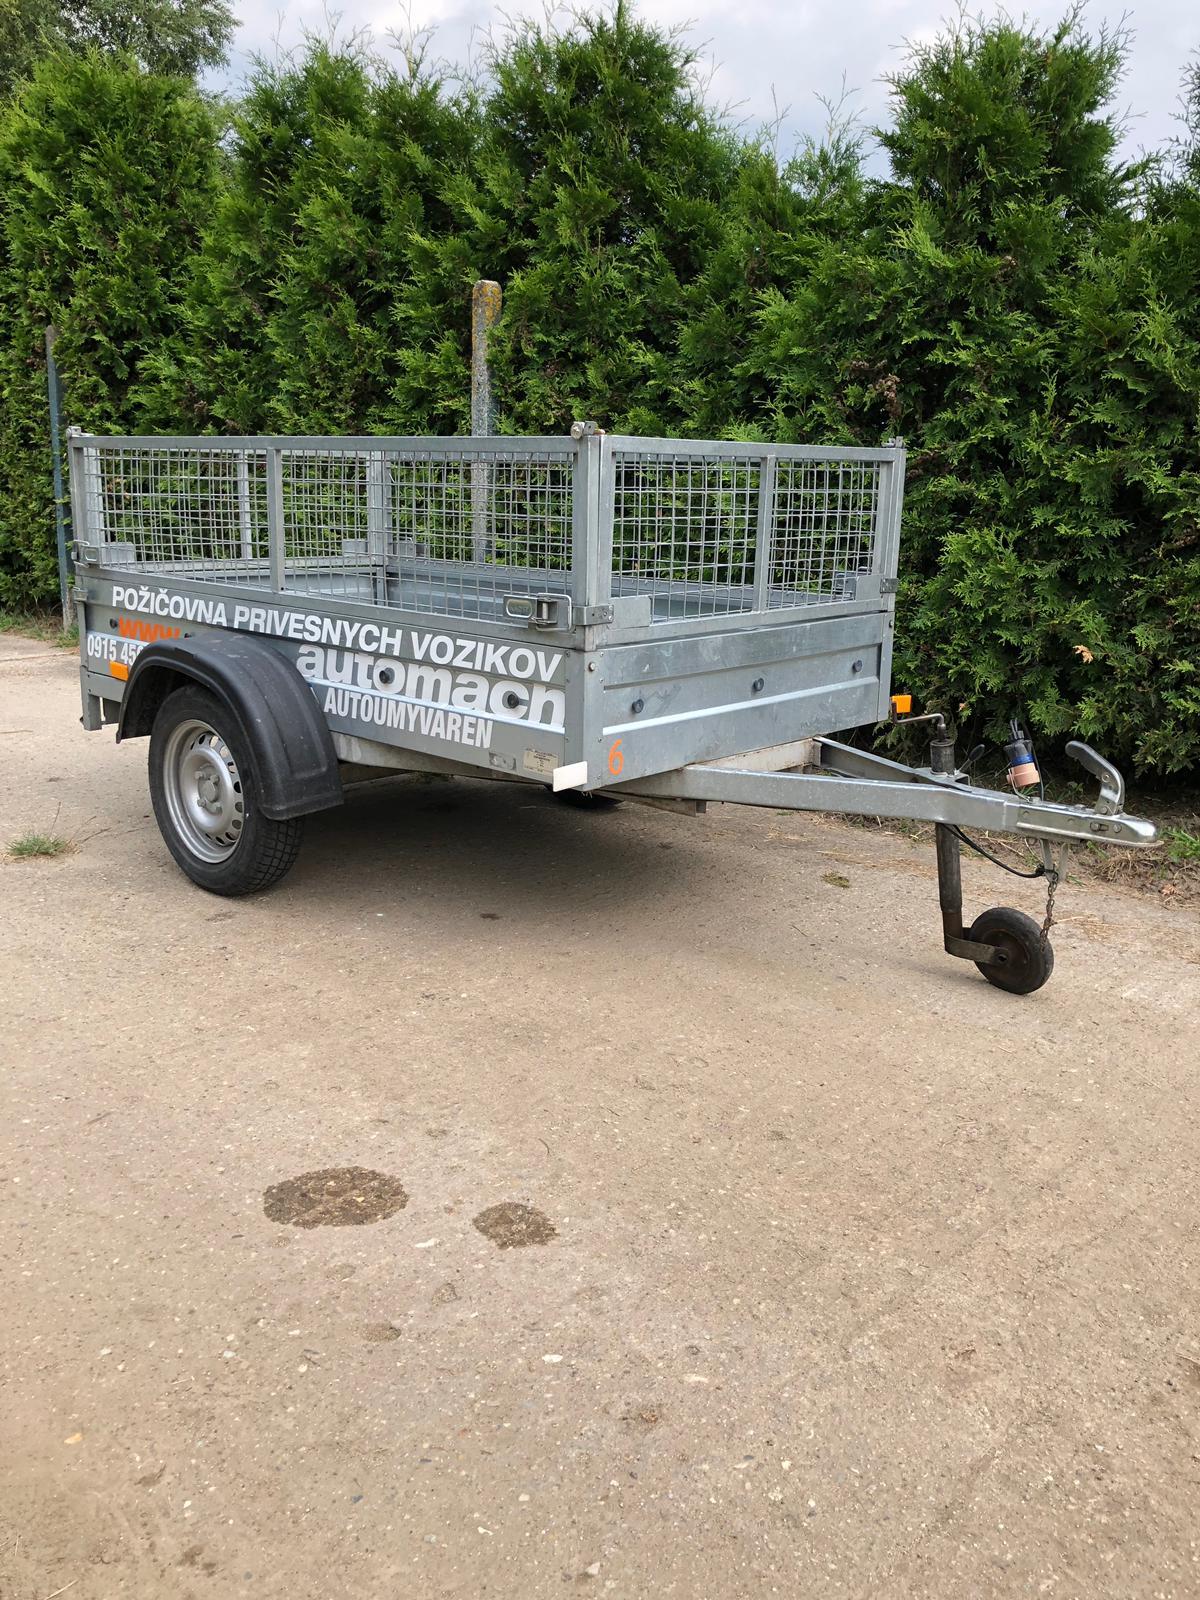 Prívesný vozík do 750kg s rozmermi 2,5m x 1,1m x 0,67m s ochranným košom